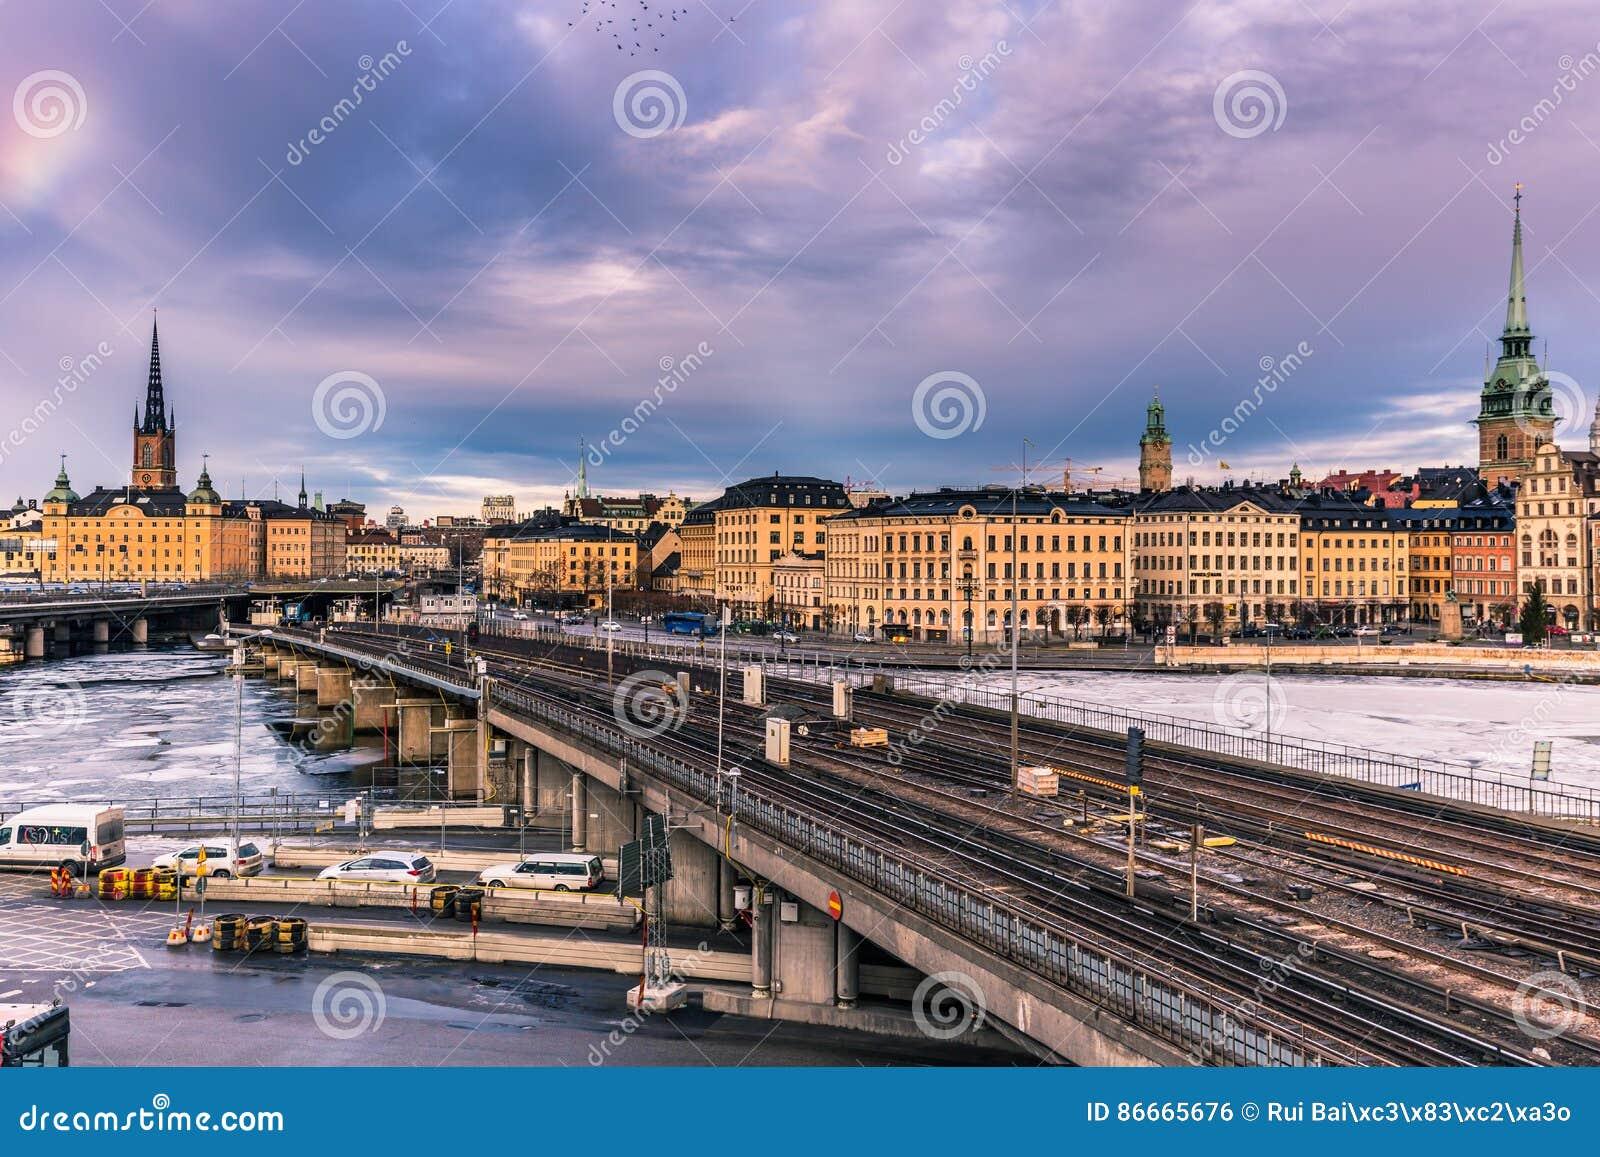 21 de enero de 2017: Ferrocarril del subterráneo en la ciudad vieja de Estocolmo, S